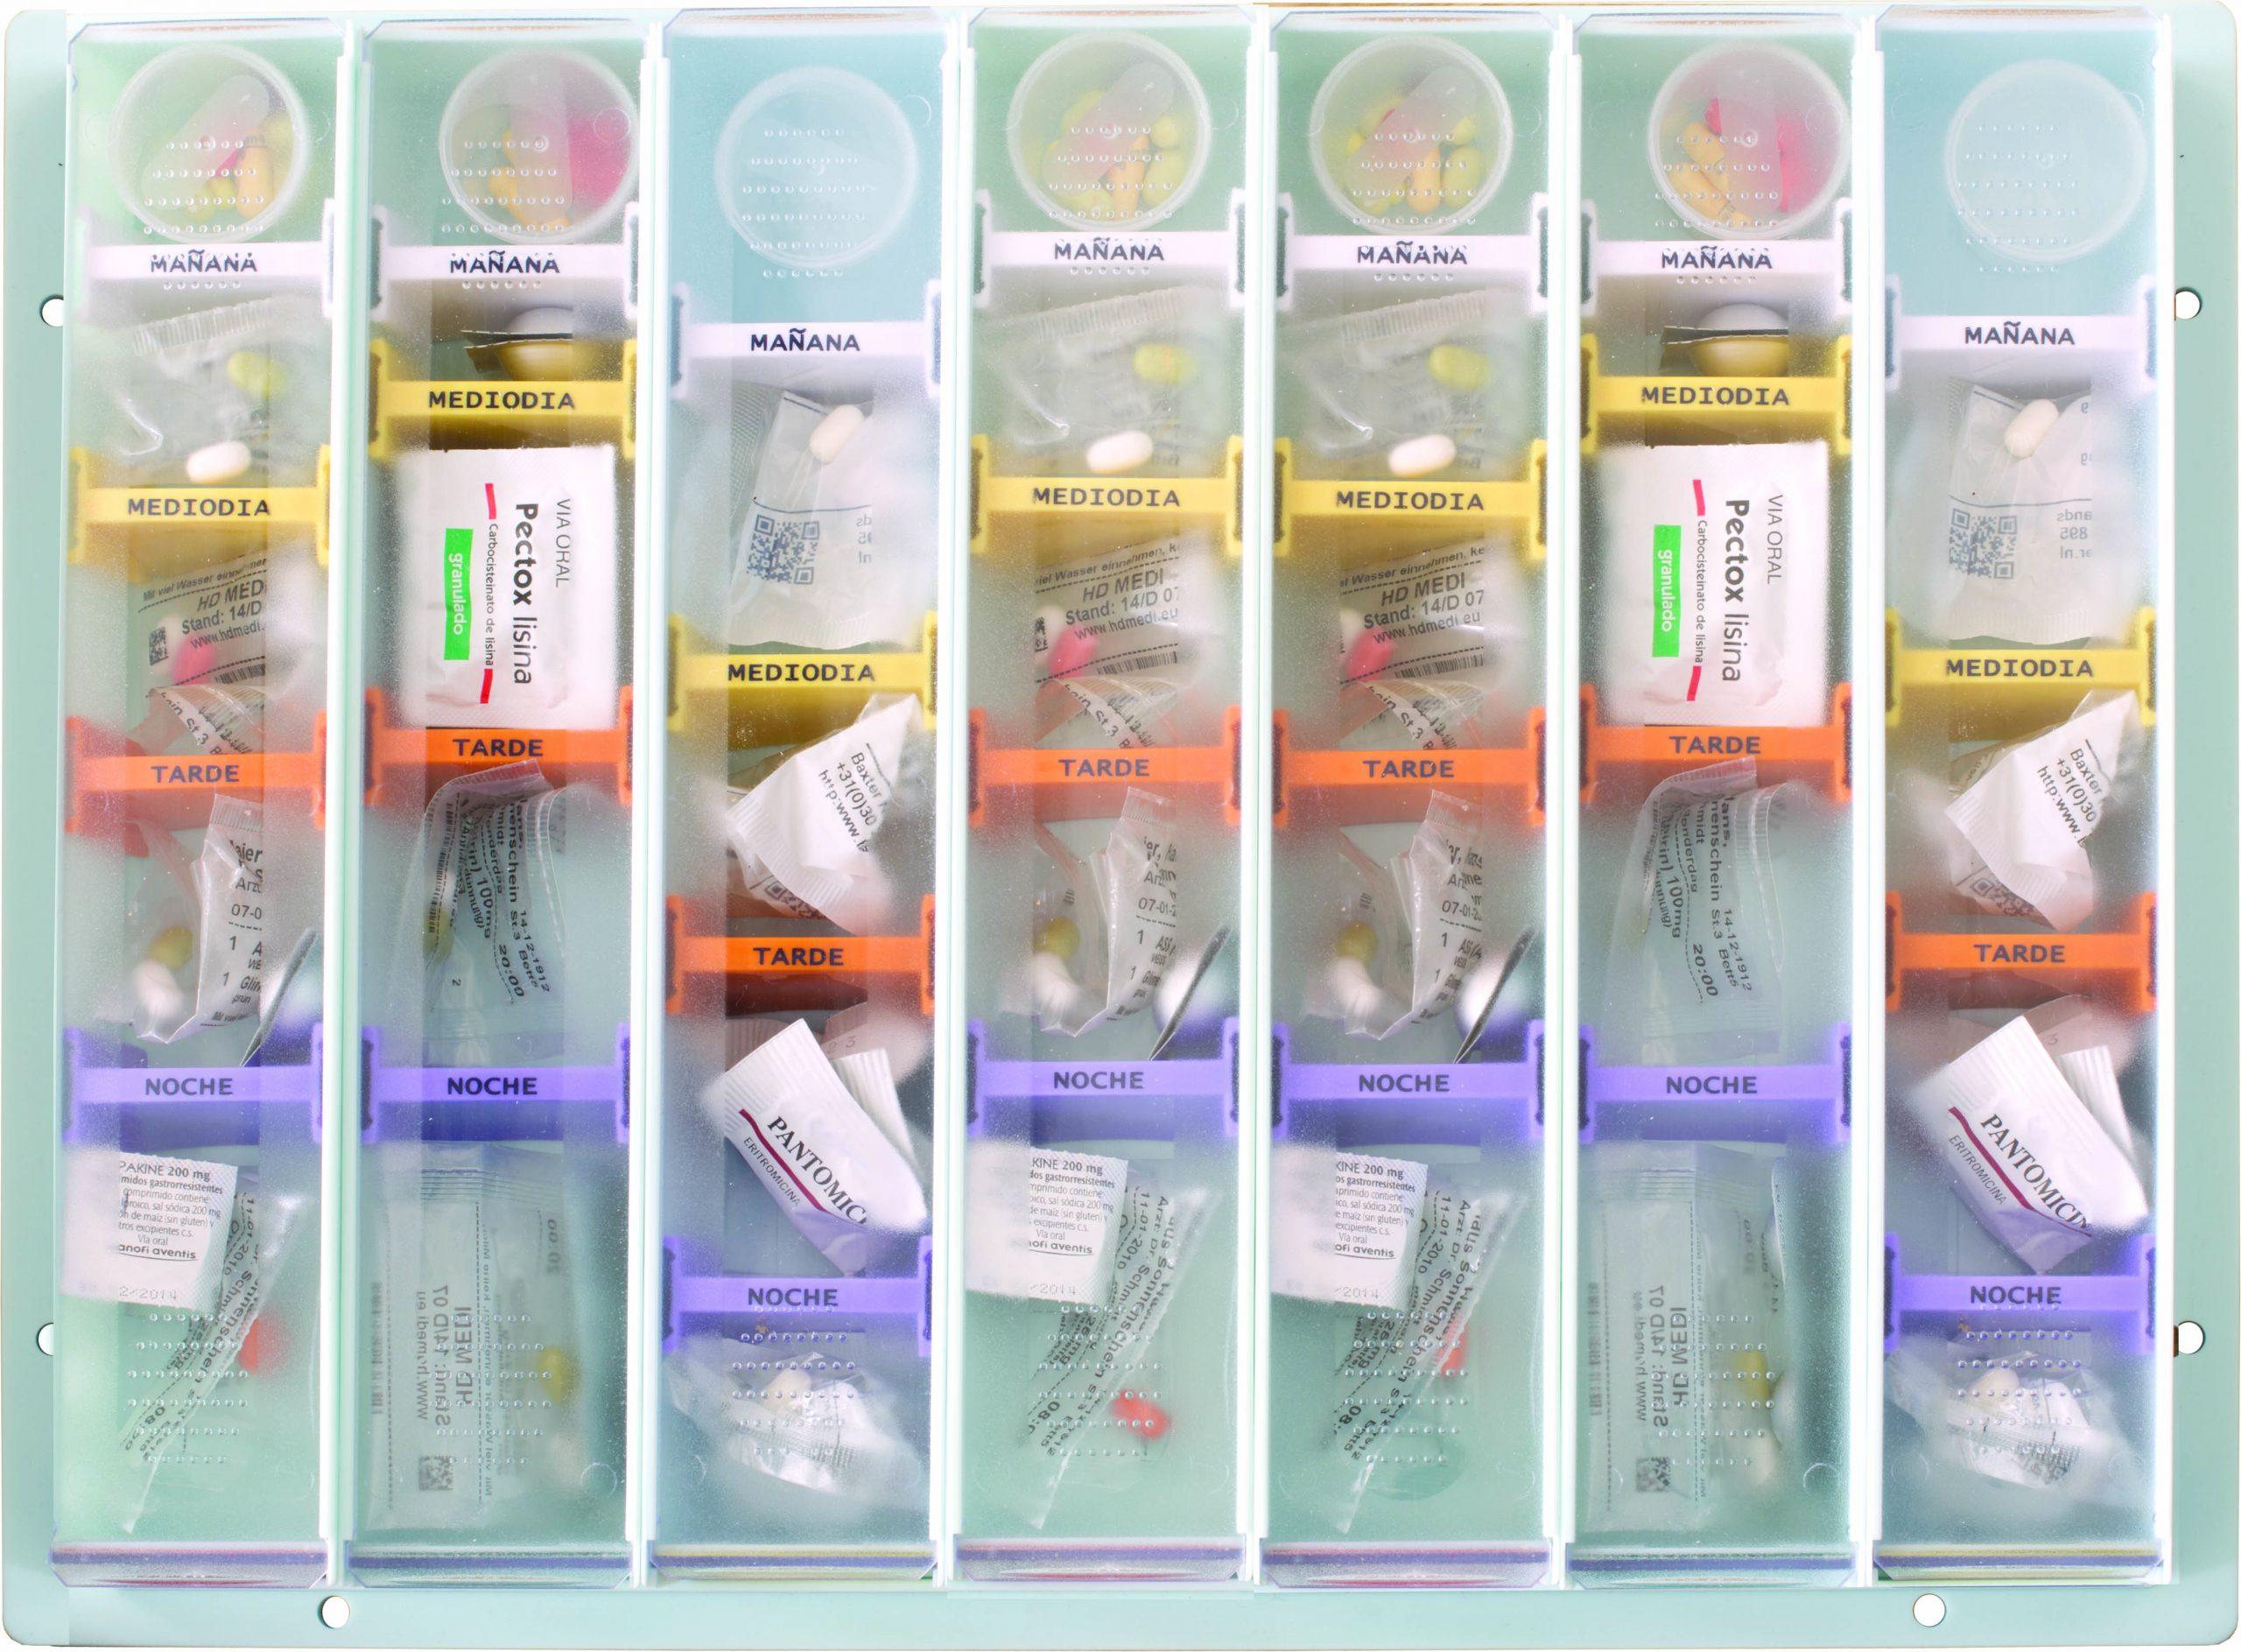 Bandeja semanal vista desde arriba con 7 pastilleros en su interior llenos de medicación, separada por divisores de colores